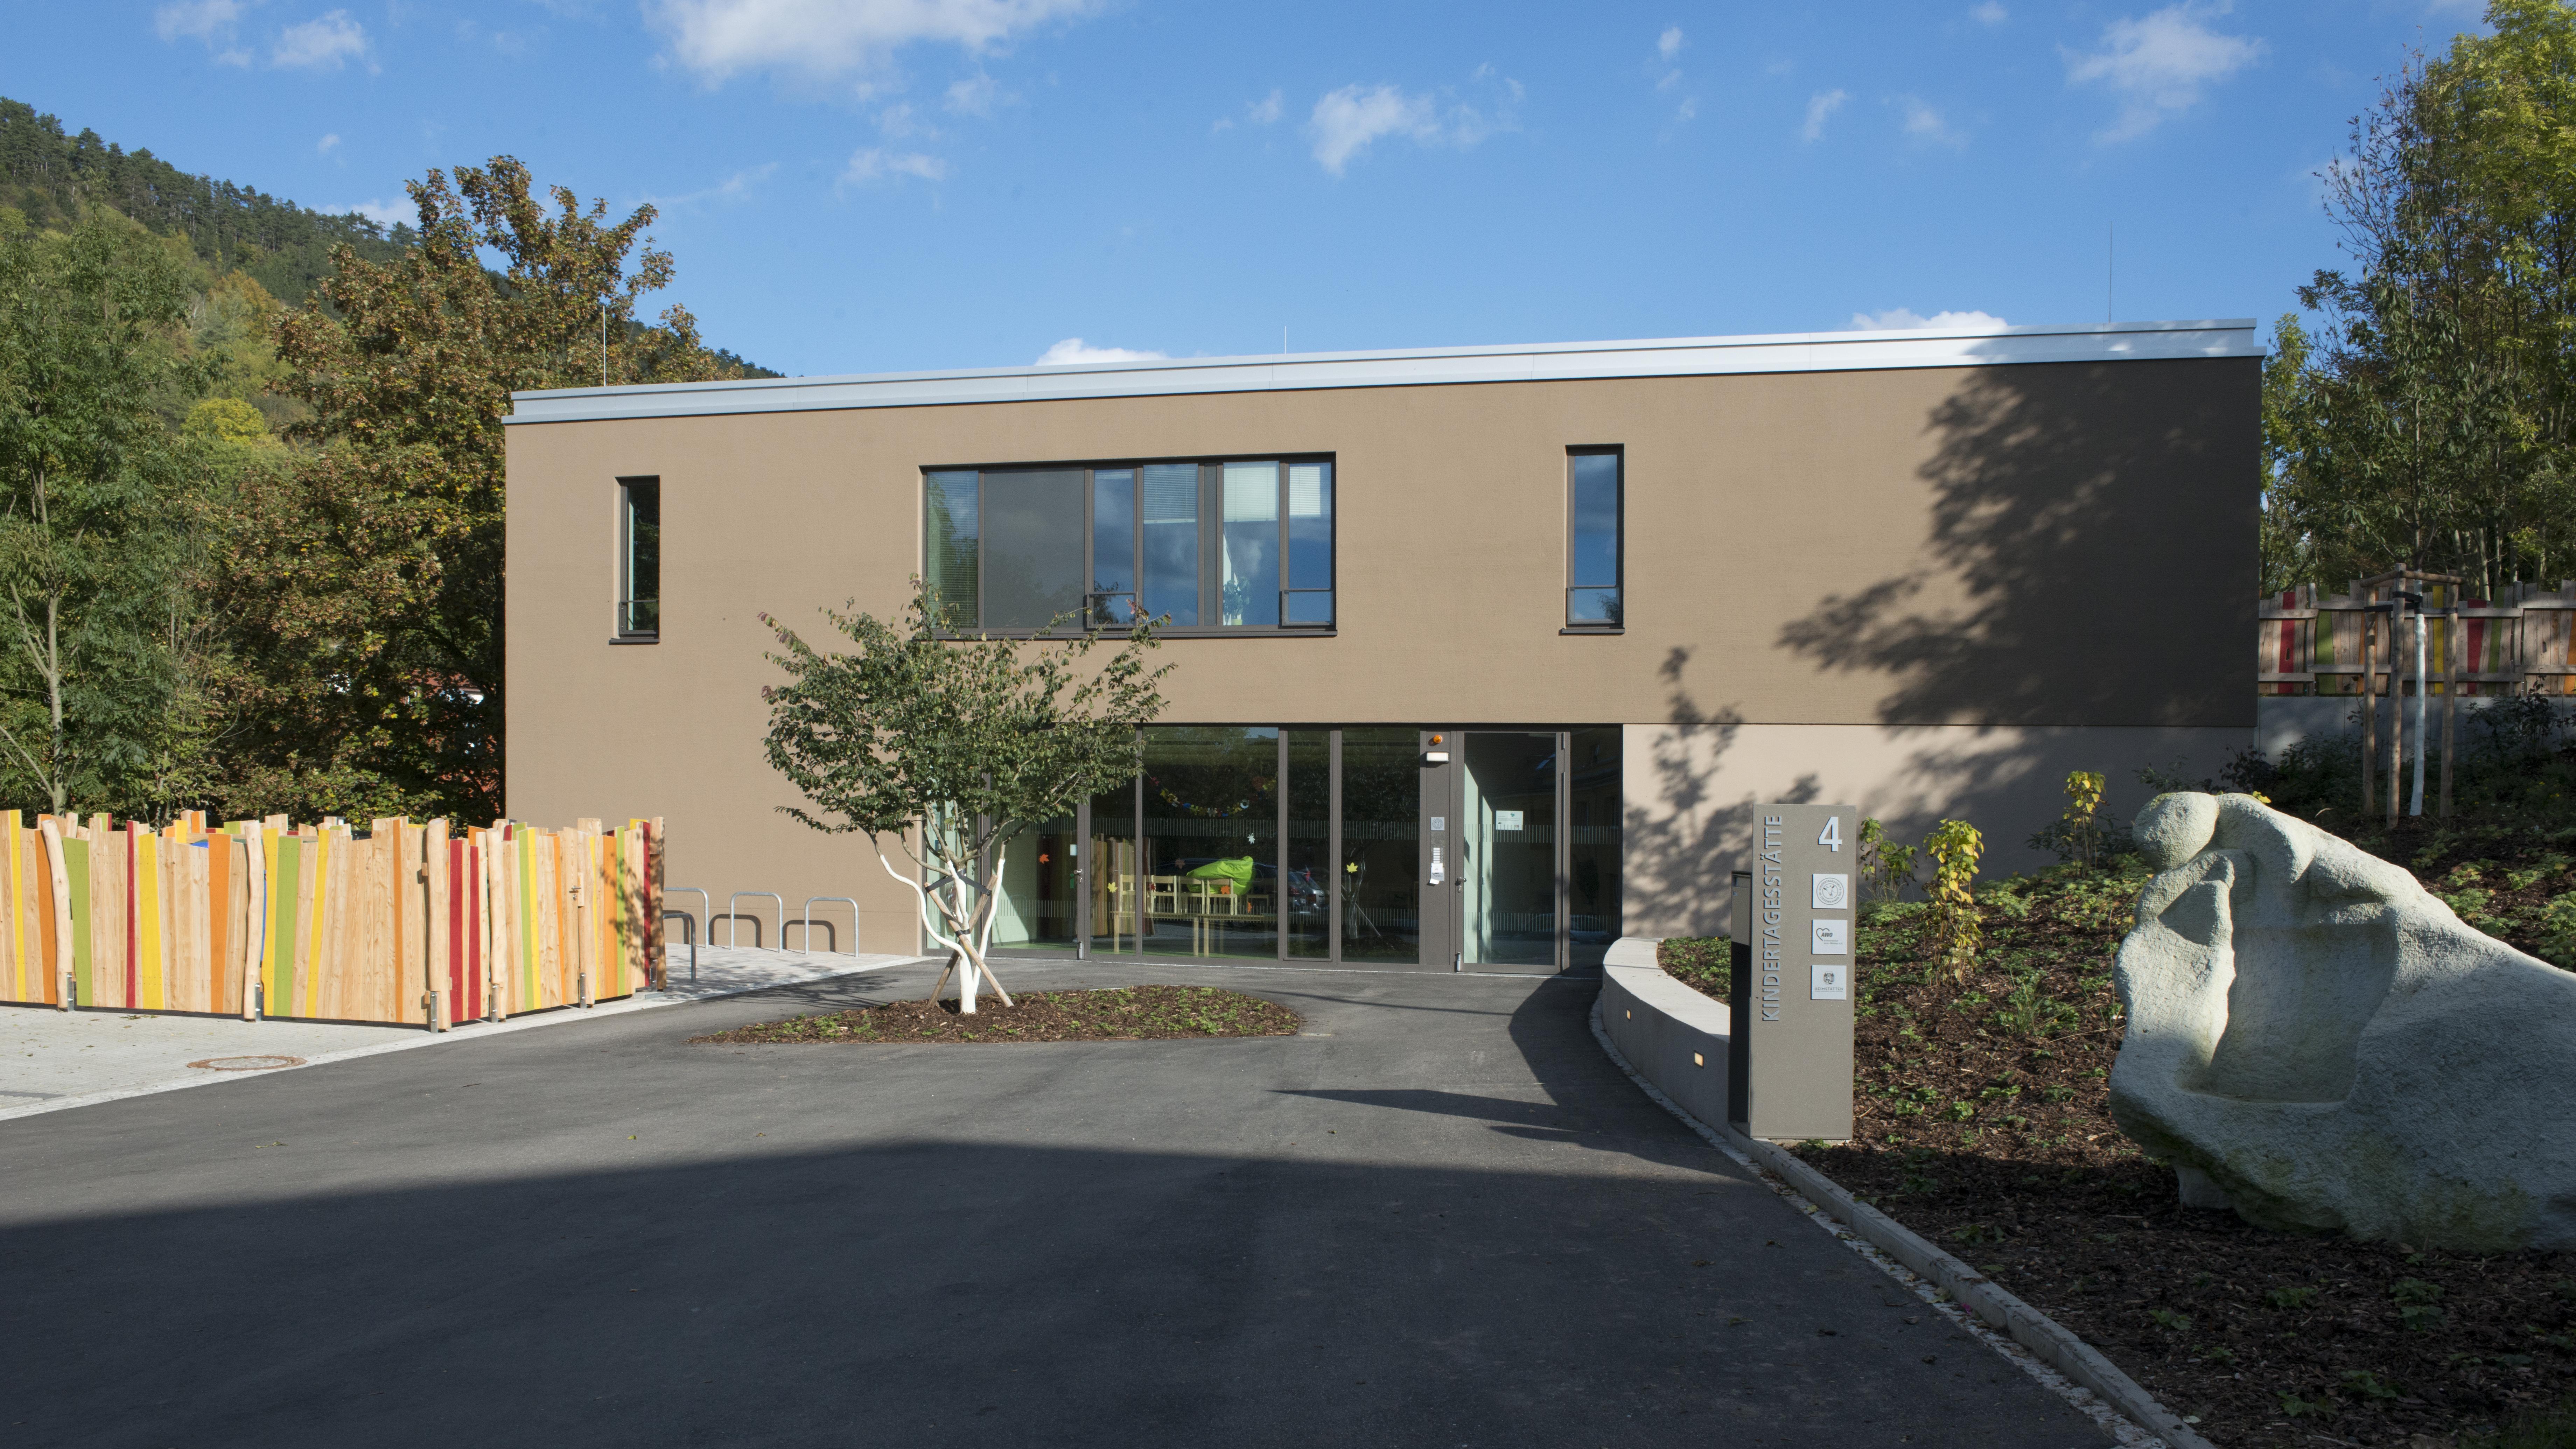 Architekten Jena kitaz neubau einer kindertagesstätte im ziegenhainer tal jena